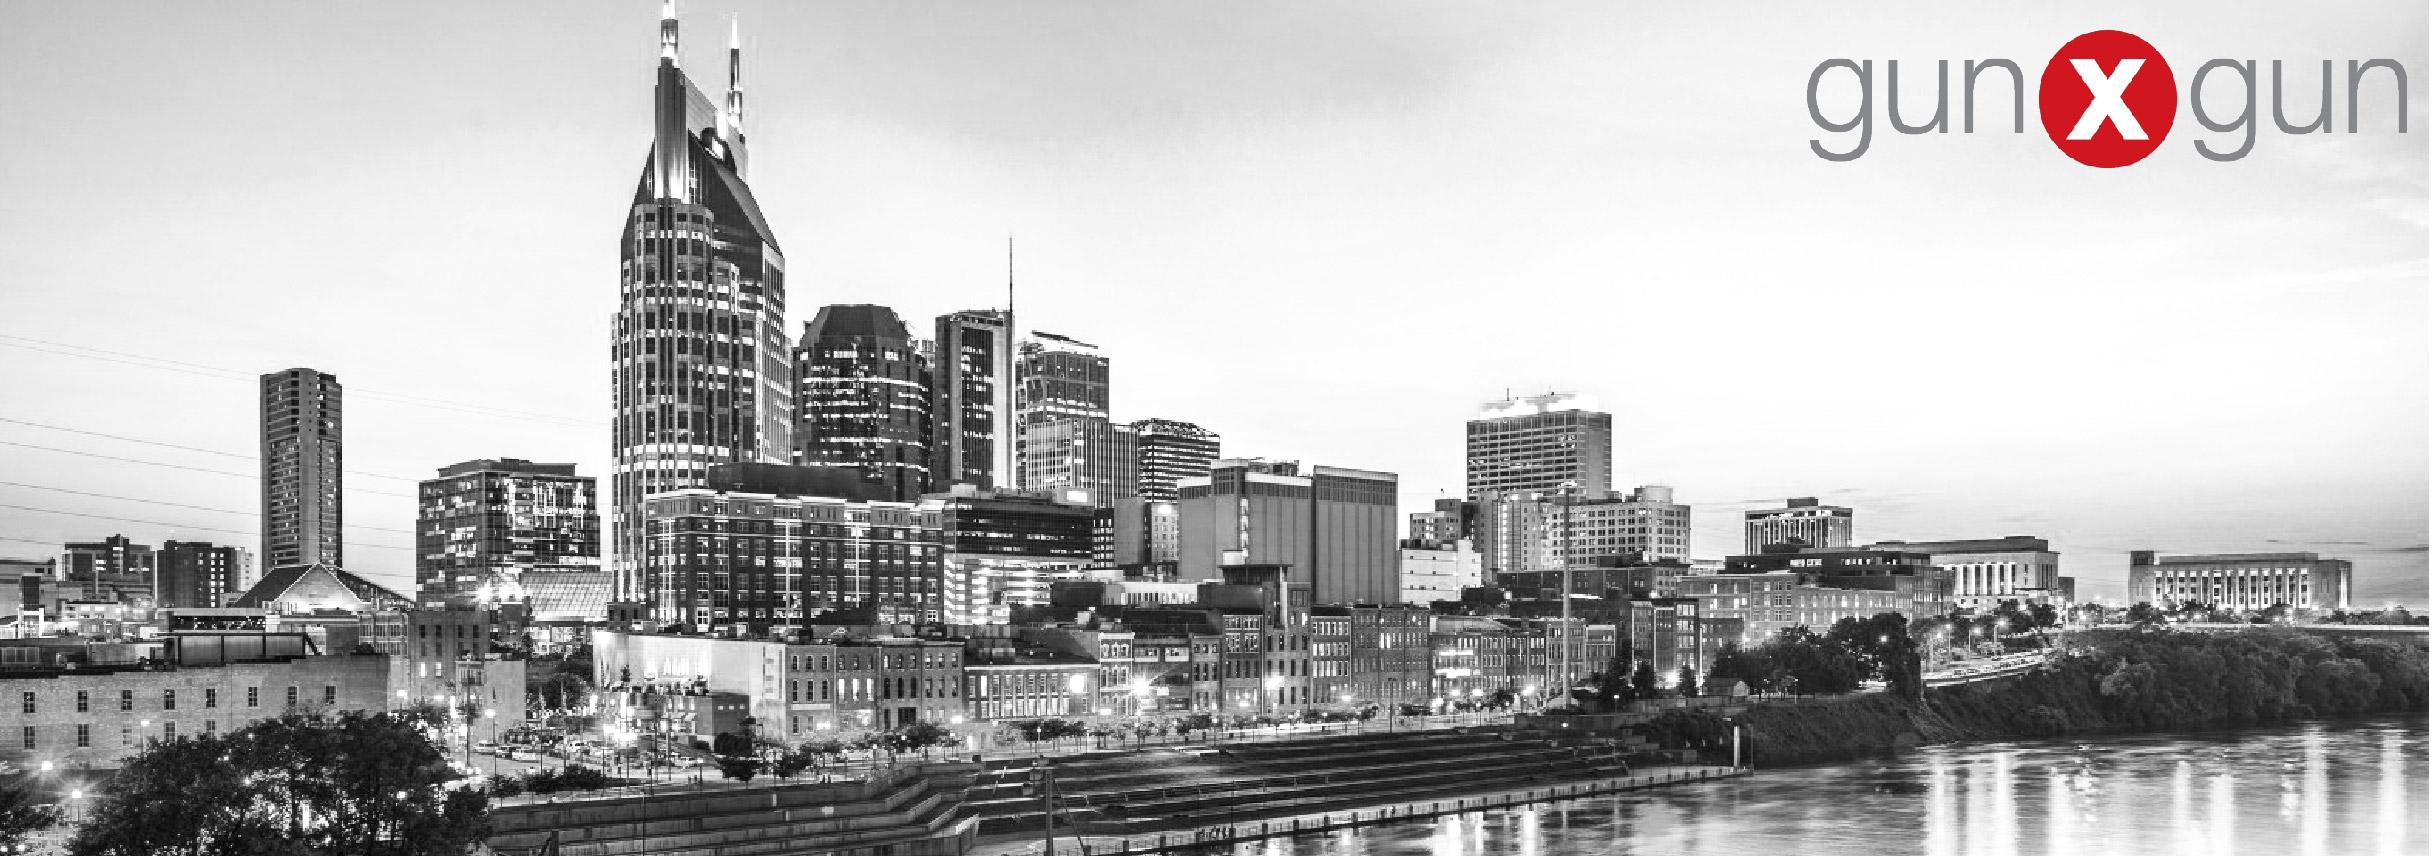 Nashville_GxG-01.jpg